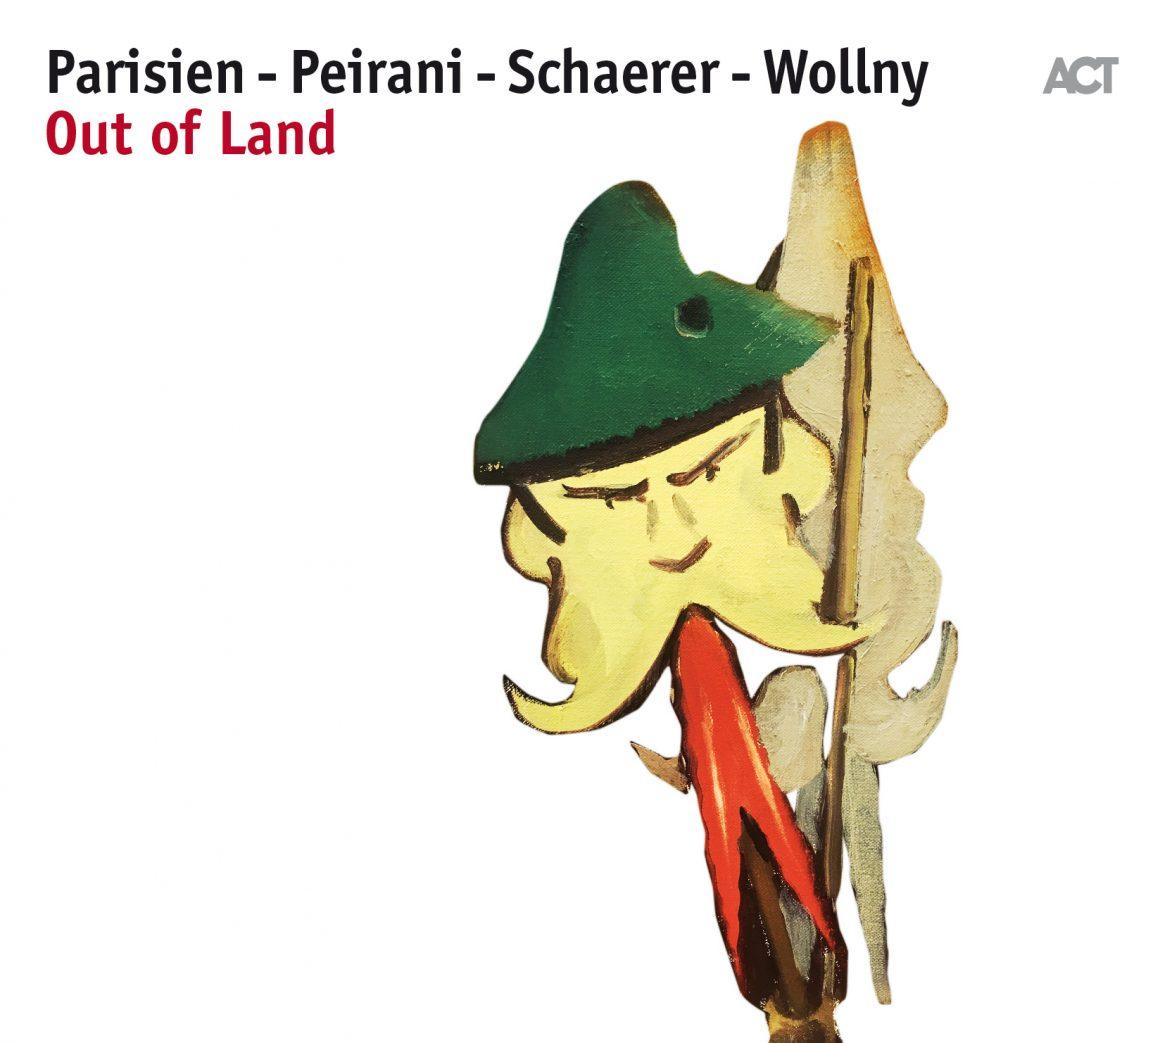 Out of Land Schaerer_Parisien_Peirani_Wollny en concert les 27 et 28 mars